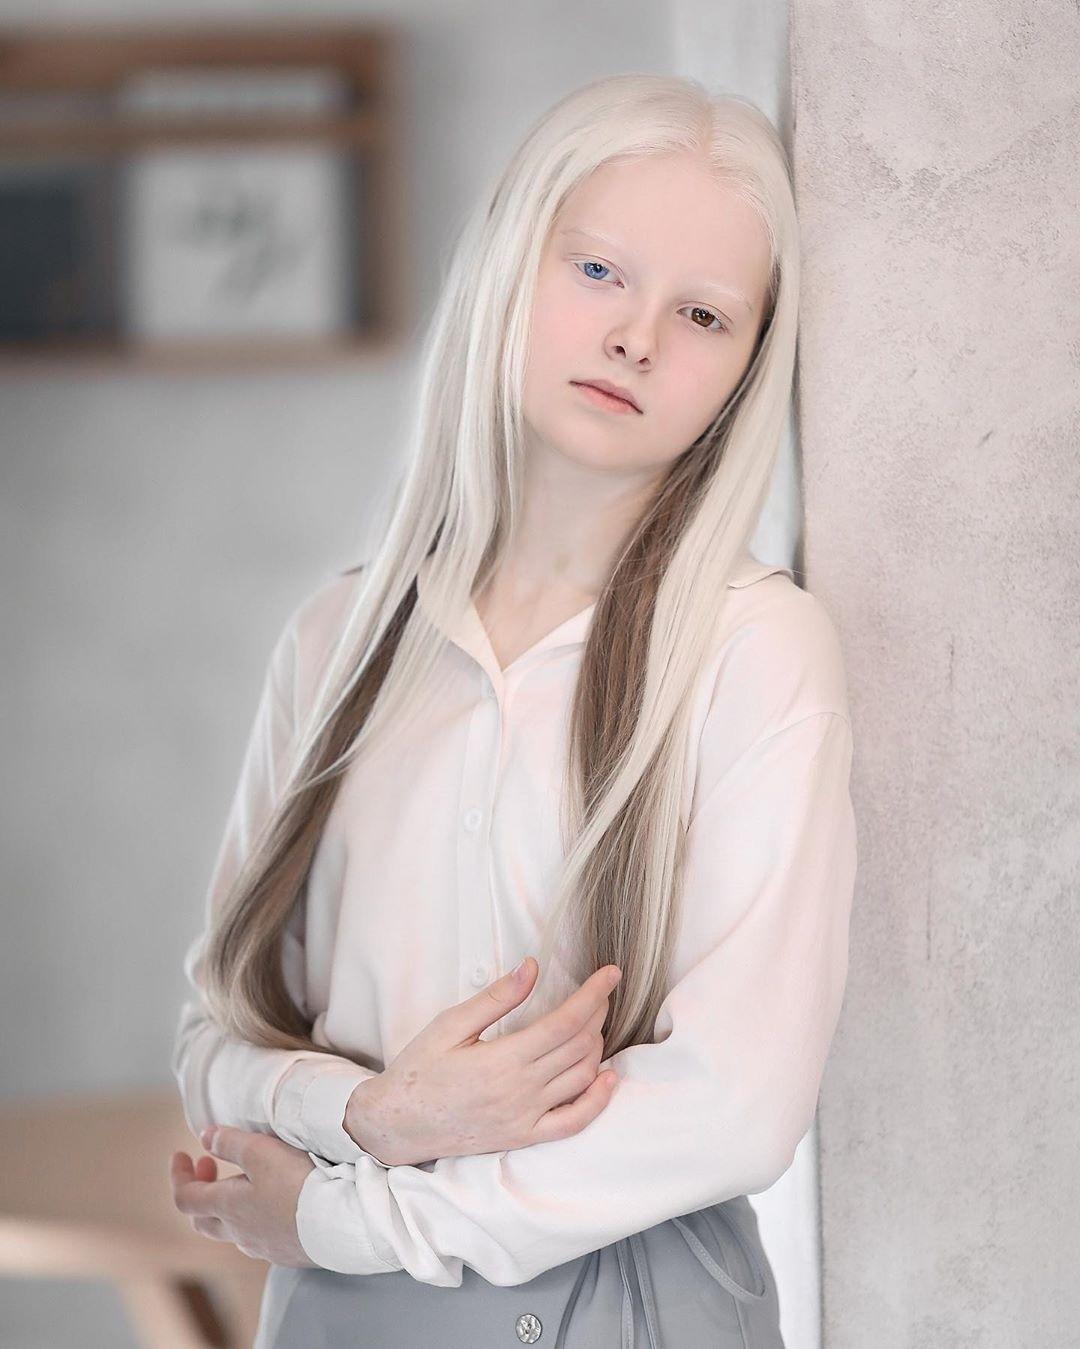 Garota chechena atordoa a Internet com sua beleza sobrenatural 07